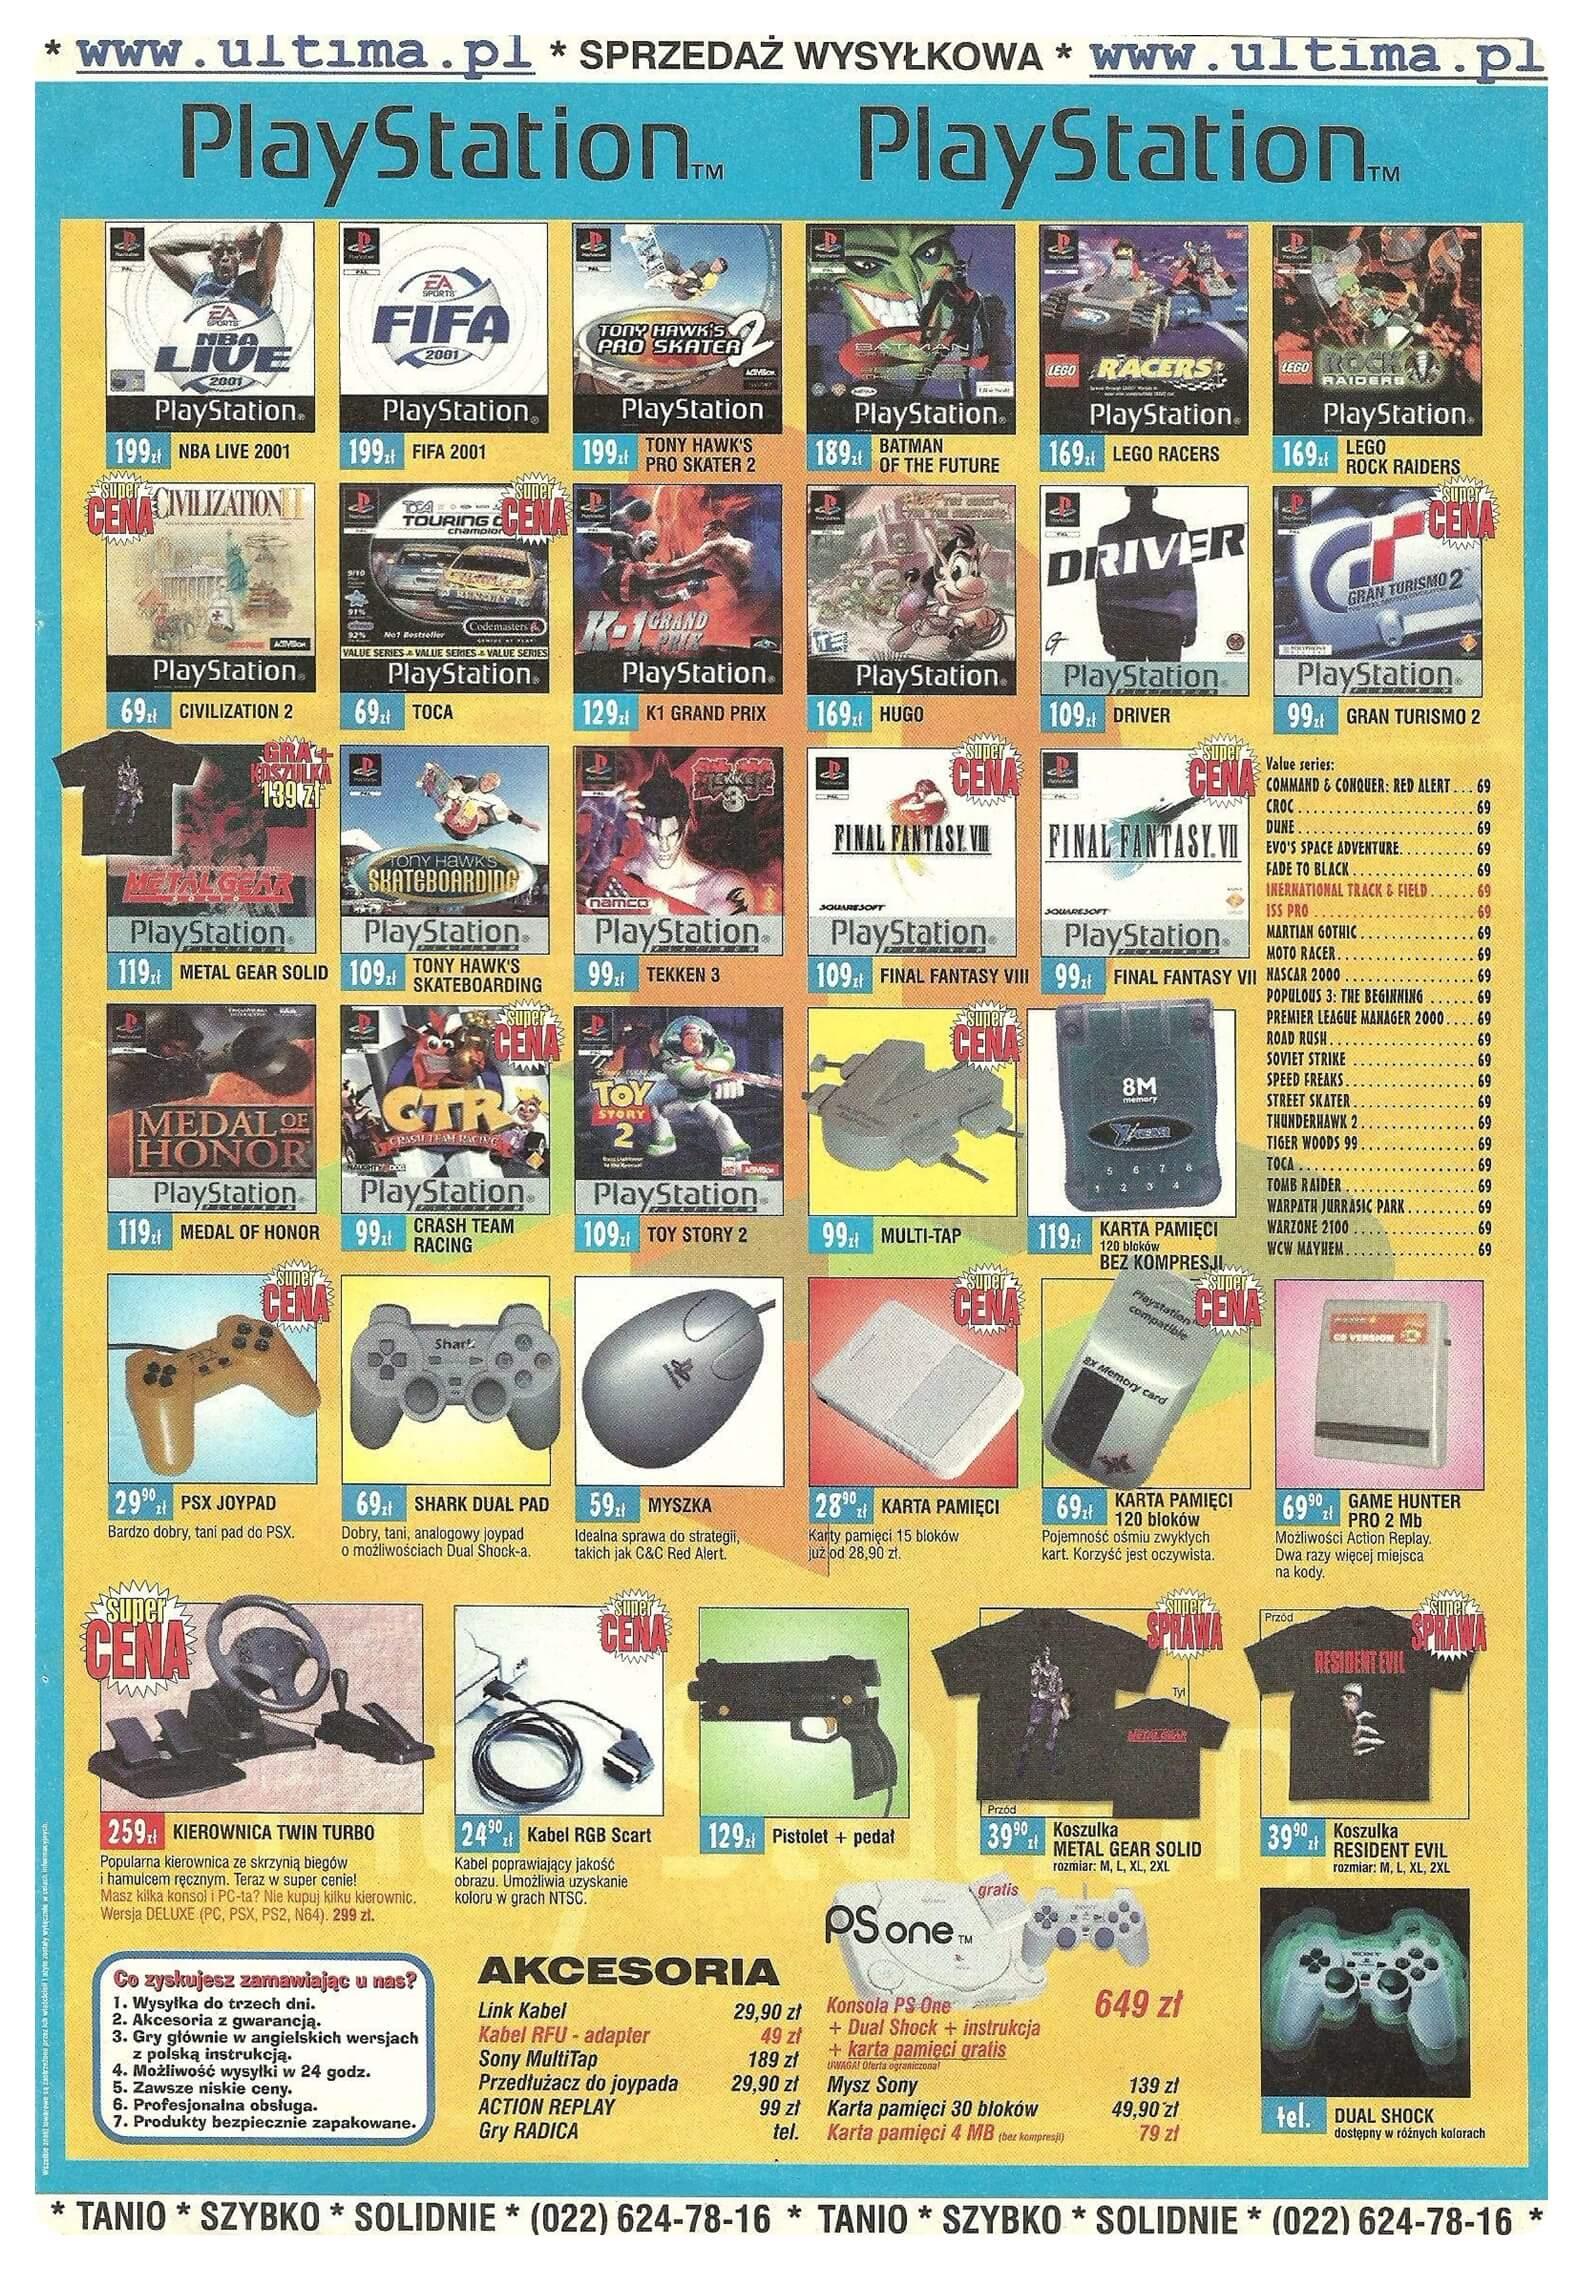 Neo Plus nr 030 200151q4 - Jak wyglądały ceny różnych konsol w Polsce w latach 1996-2006?